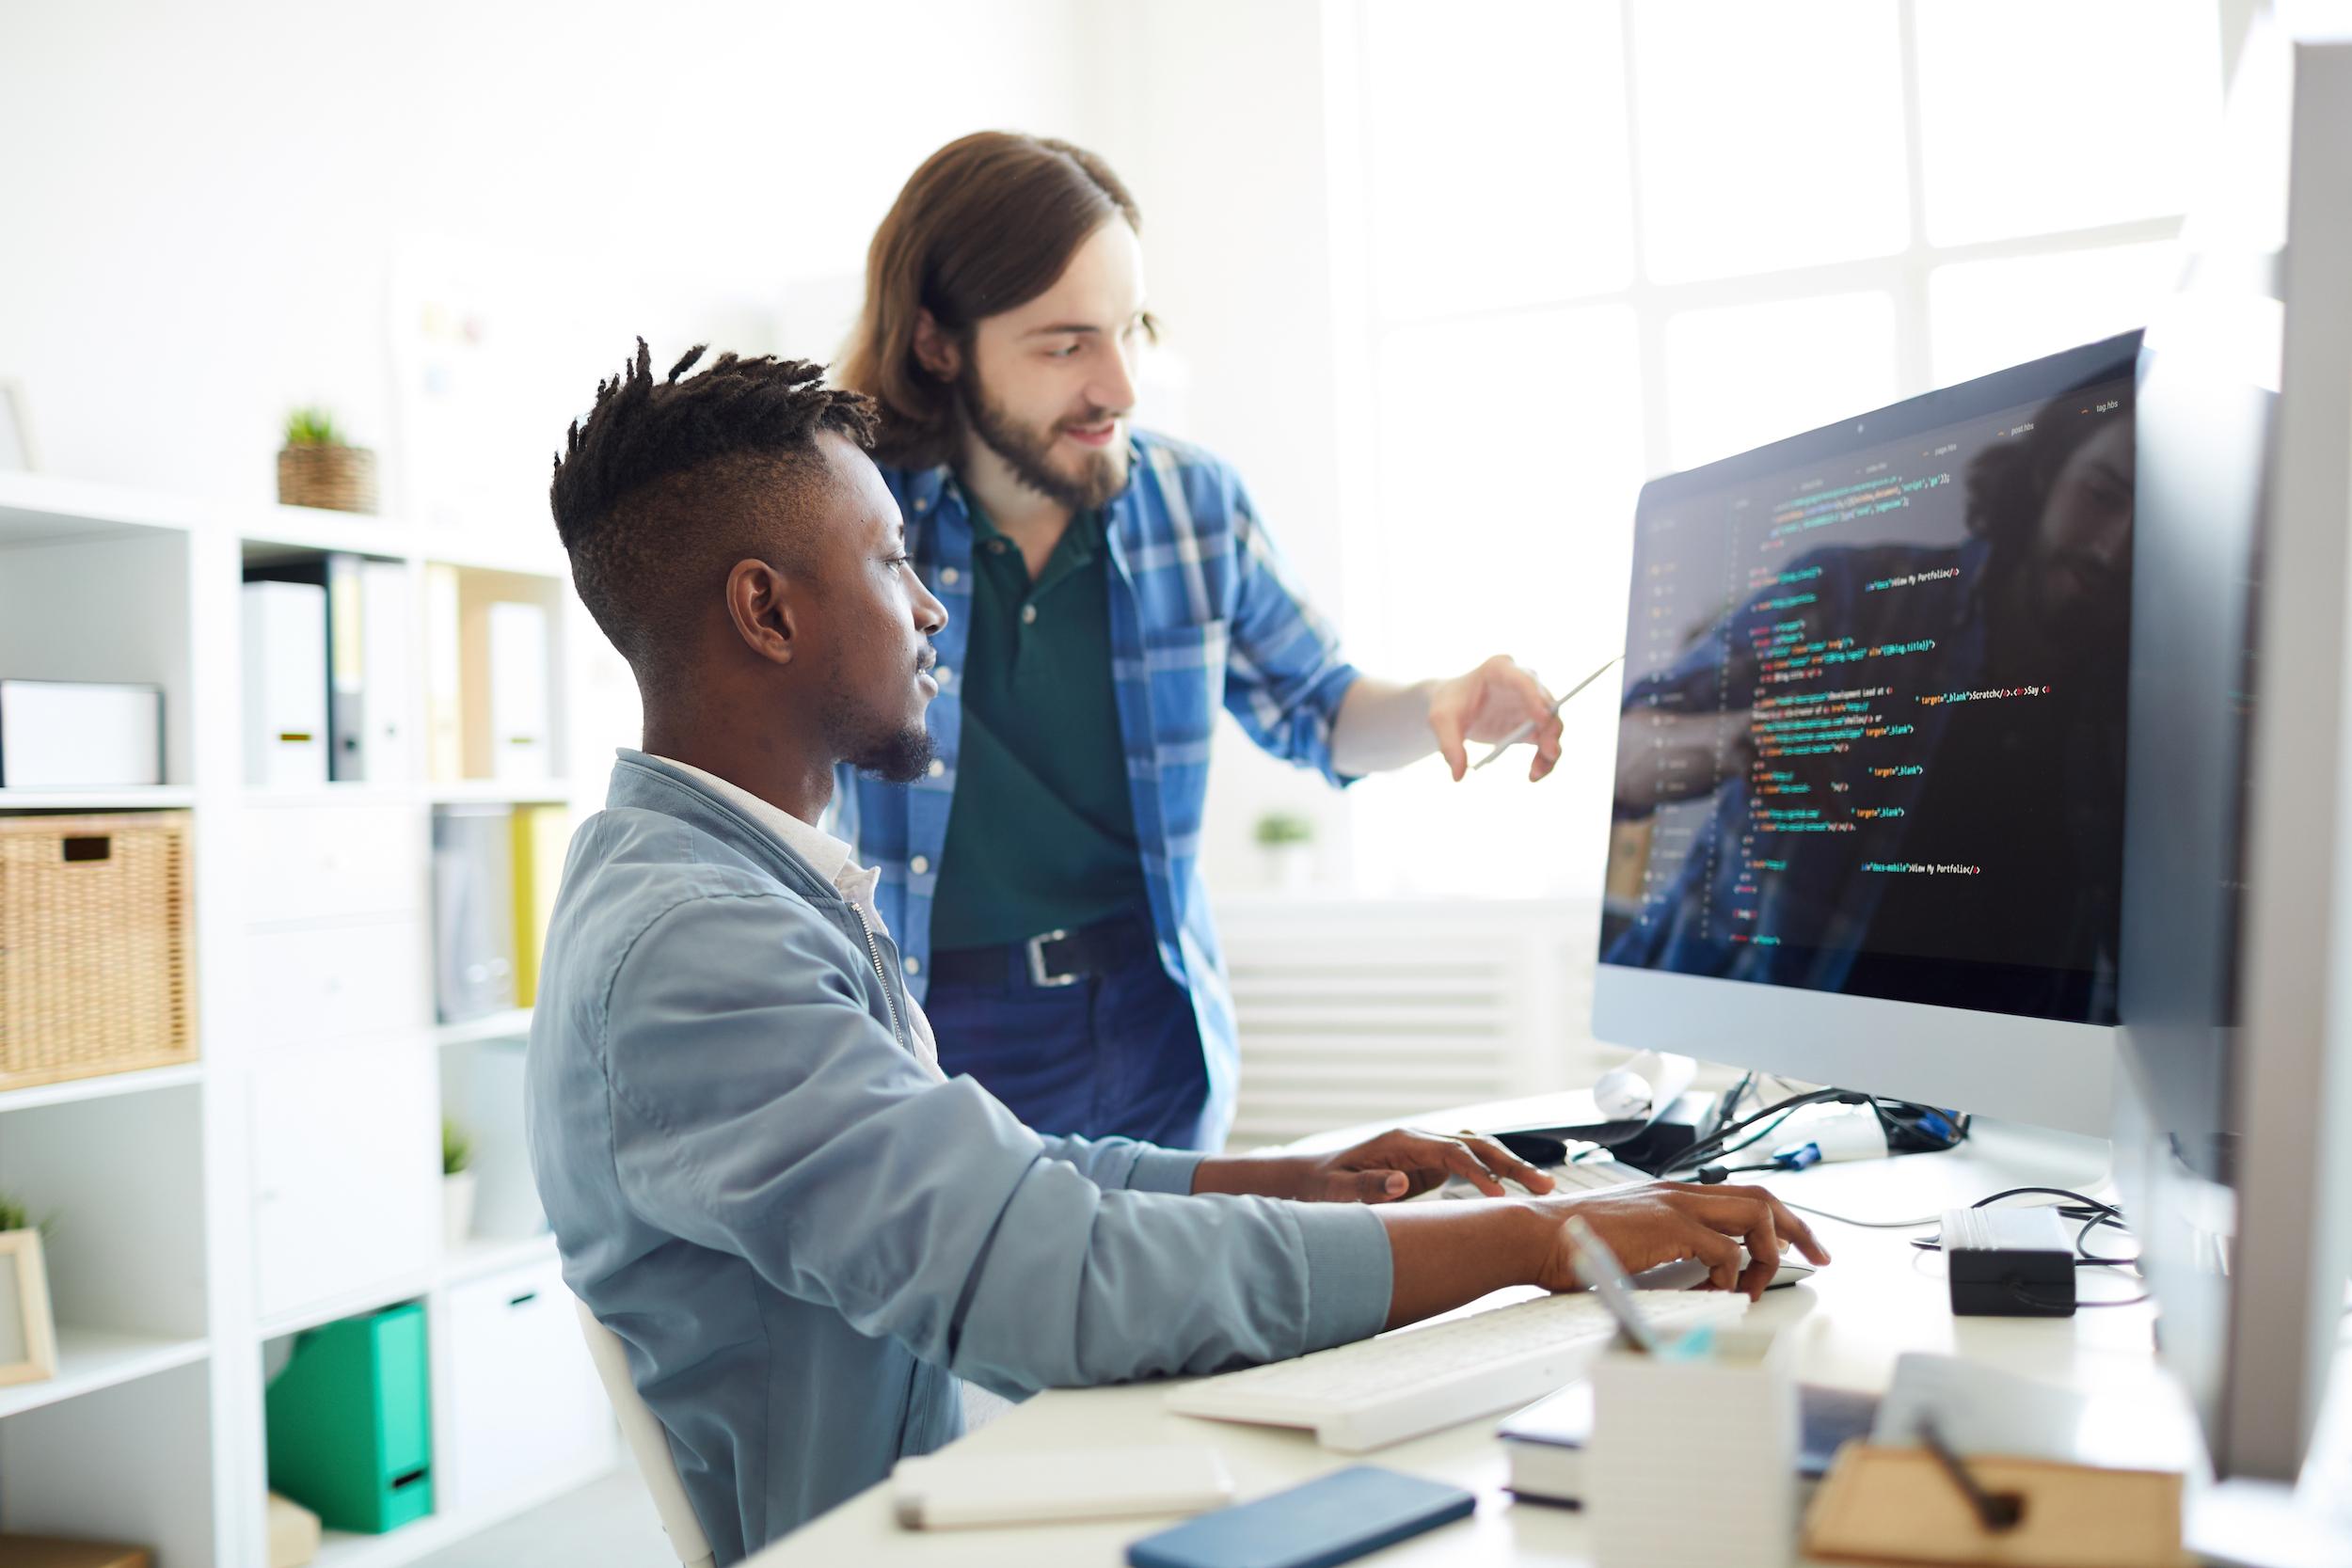 Man wordt geholpen bij de inrichting en de configuratie van SmartMed